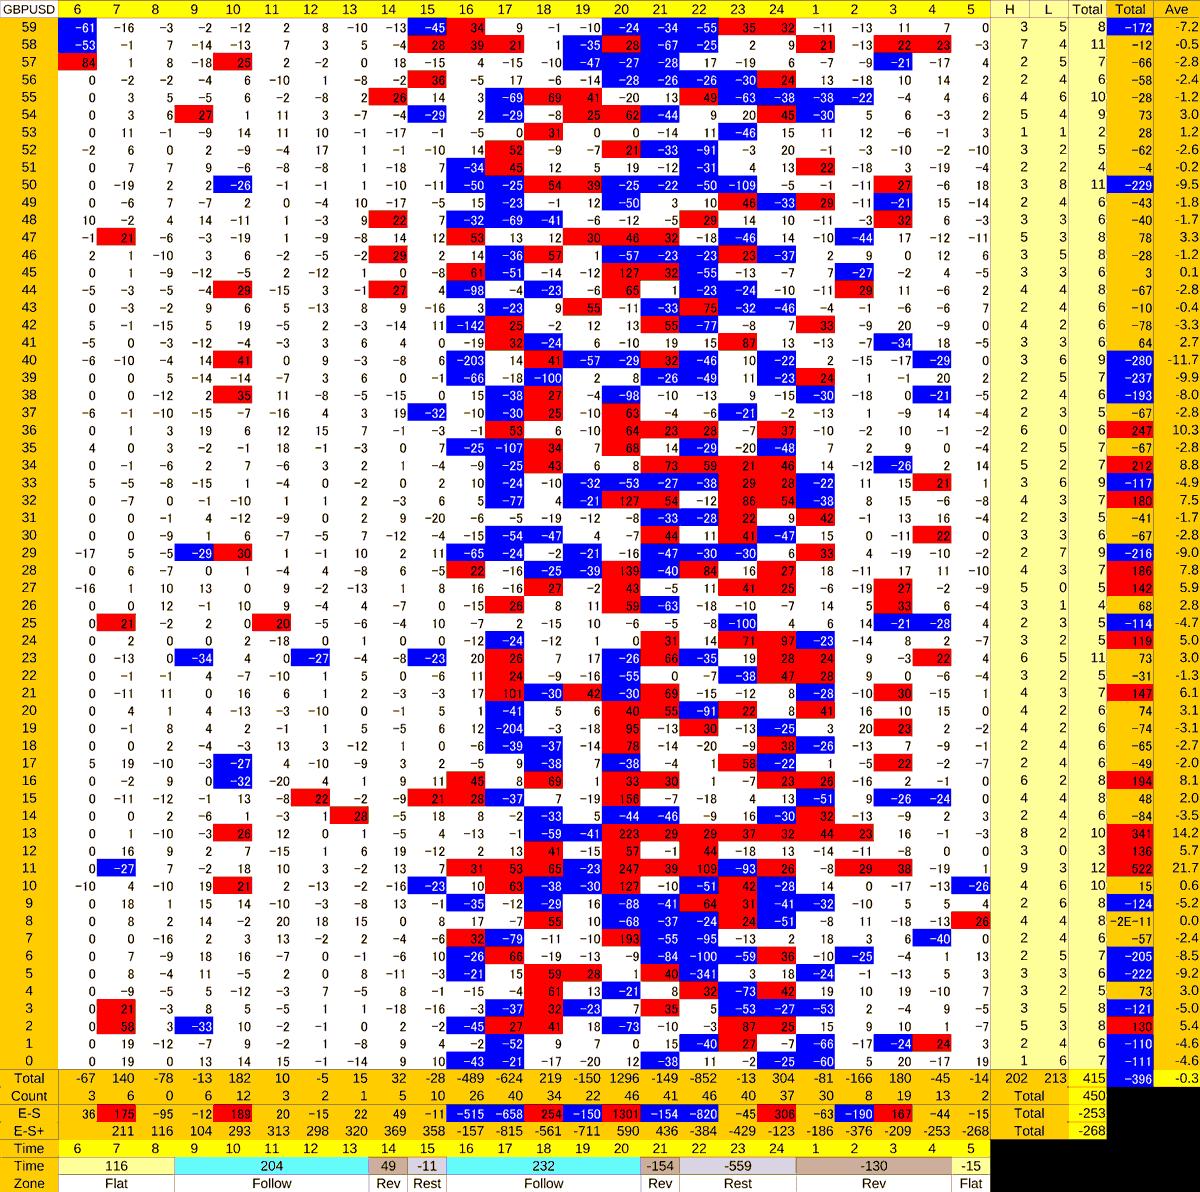 20201001_HS(2)GBPUSD